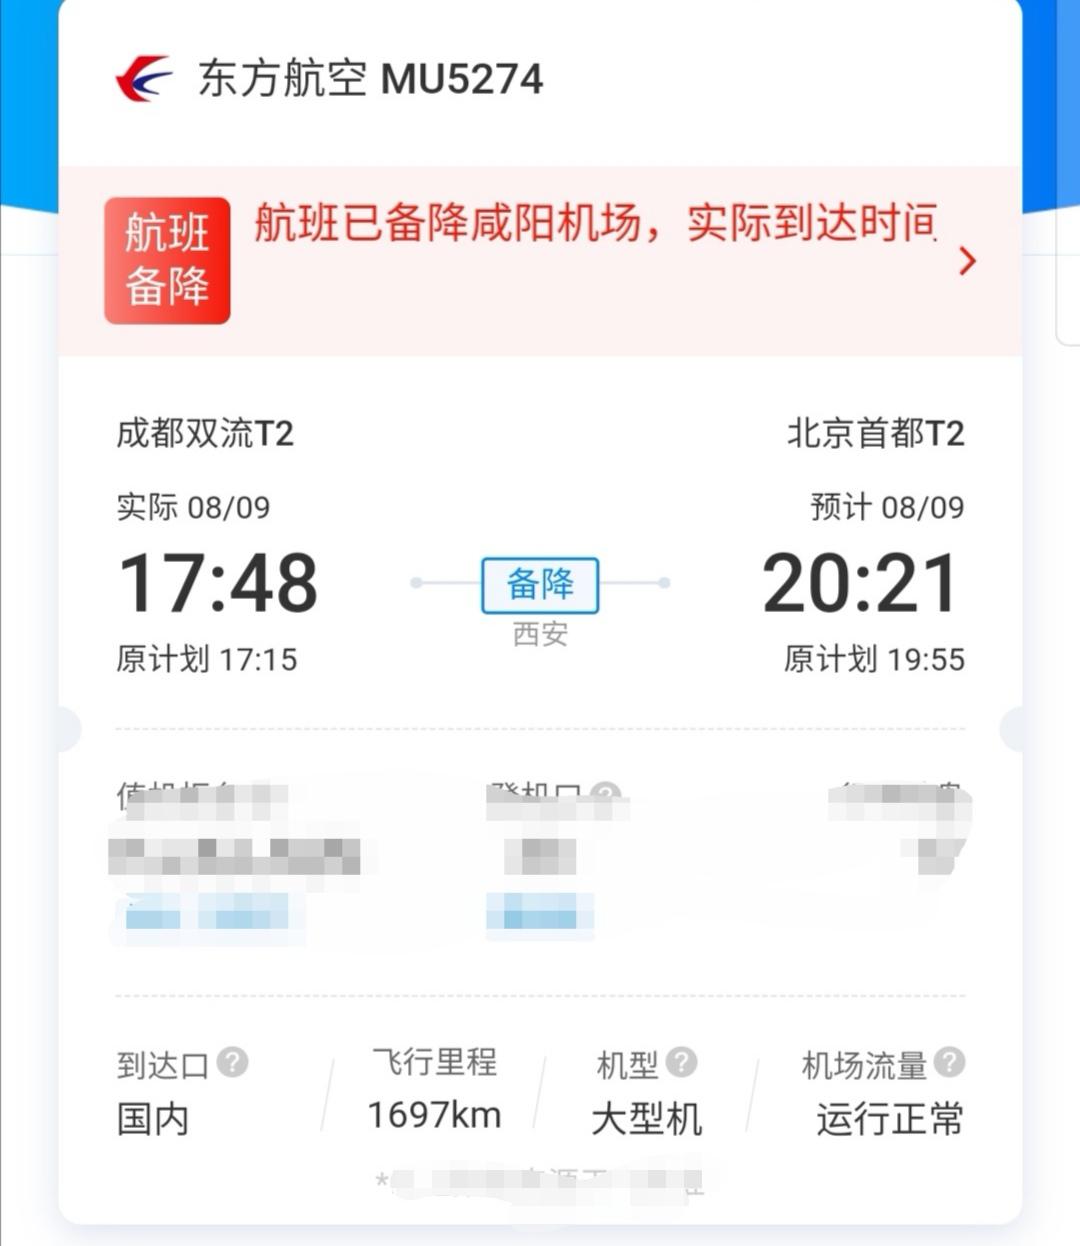 东航成都飞北京航班紧急备降西安 乘客已更换飞机准备前往北京